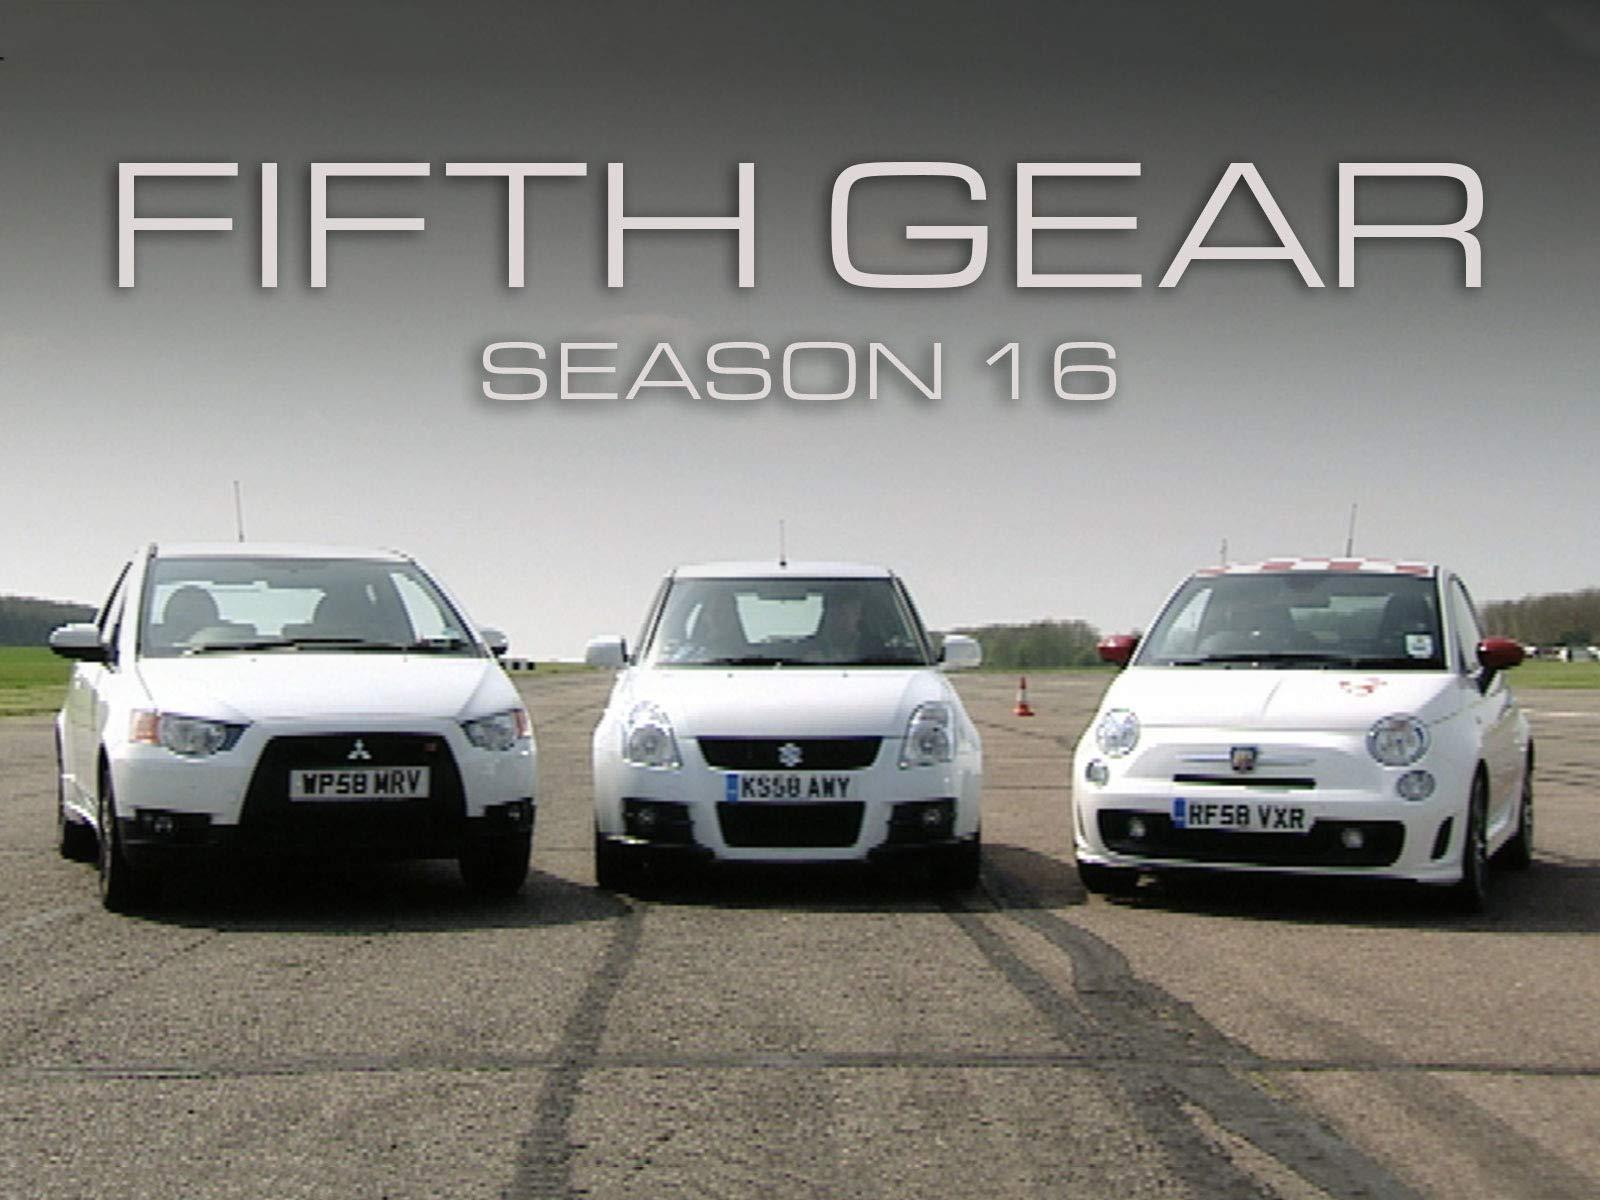 Fifth Gear - Season 16